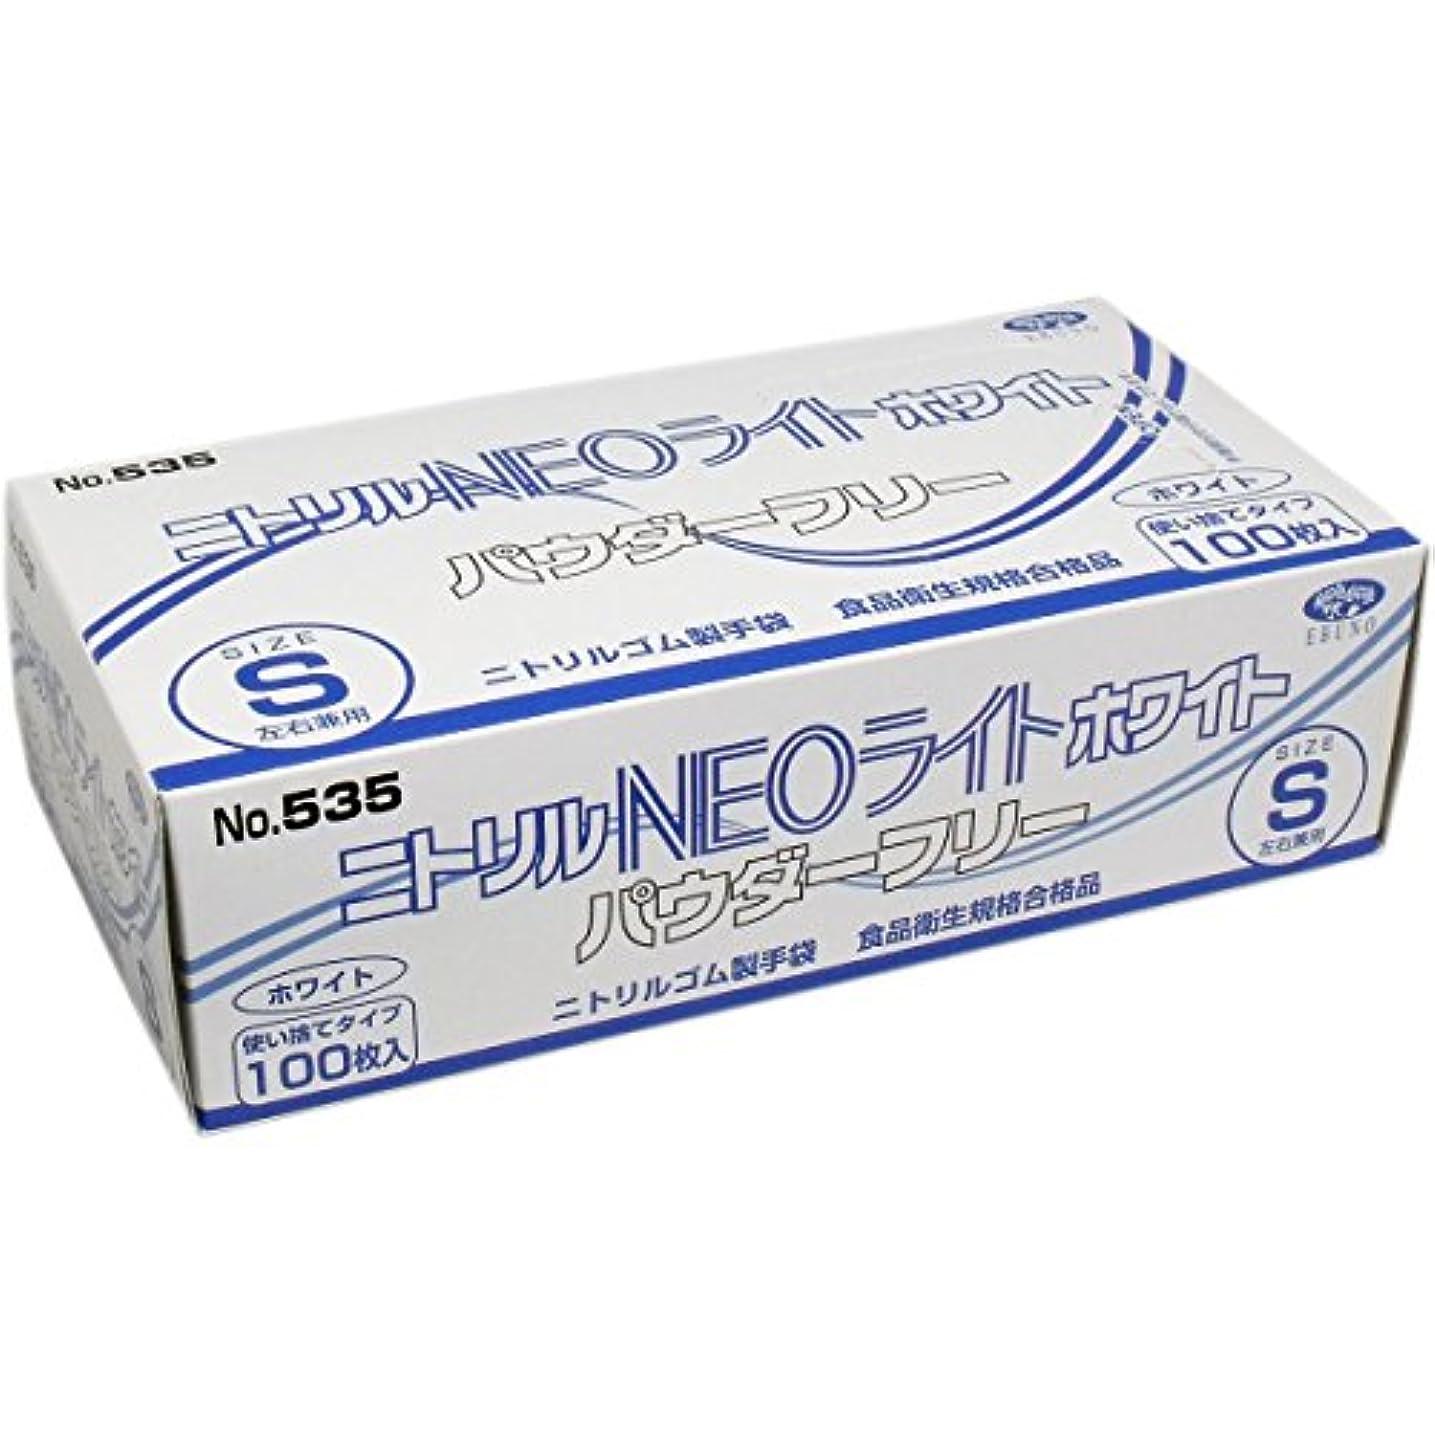 システム嘆く領域ニトリル手袋 NEOライト パウダーフリー ホワイト Sサイズ 100枚入(単品)